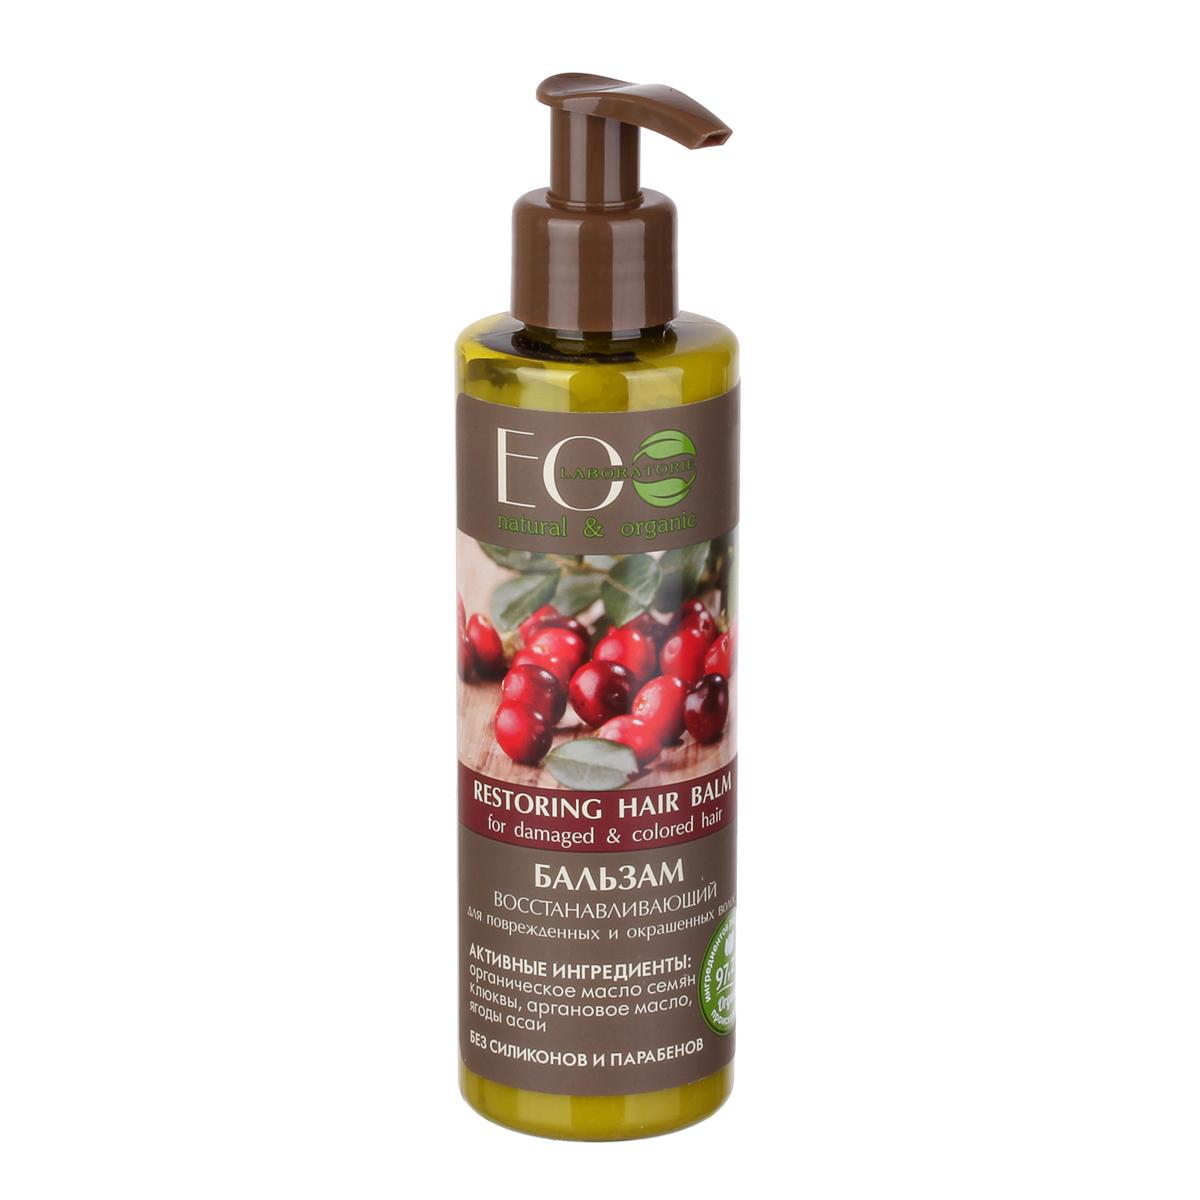 EcoLab ЭкоЛаб Бальзам Восстанавливающий 200 мл503296Предотвращает ломкость и потерю волос, улучшает структуру поврежденных волос, ухаживает за волосами по всей длине. Сочетает питательное и увлажняющее действие. Активные ингредиенты: органическое масло семян клюквы, аргановое масло, экстракт ягод асаи.